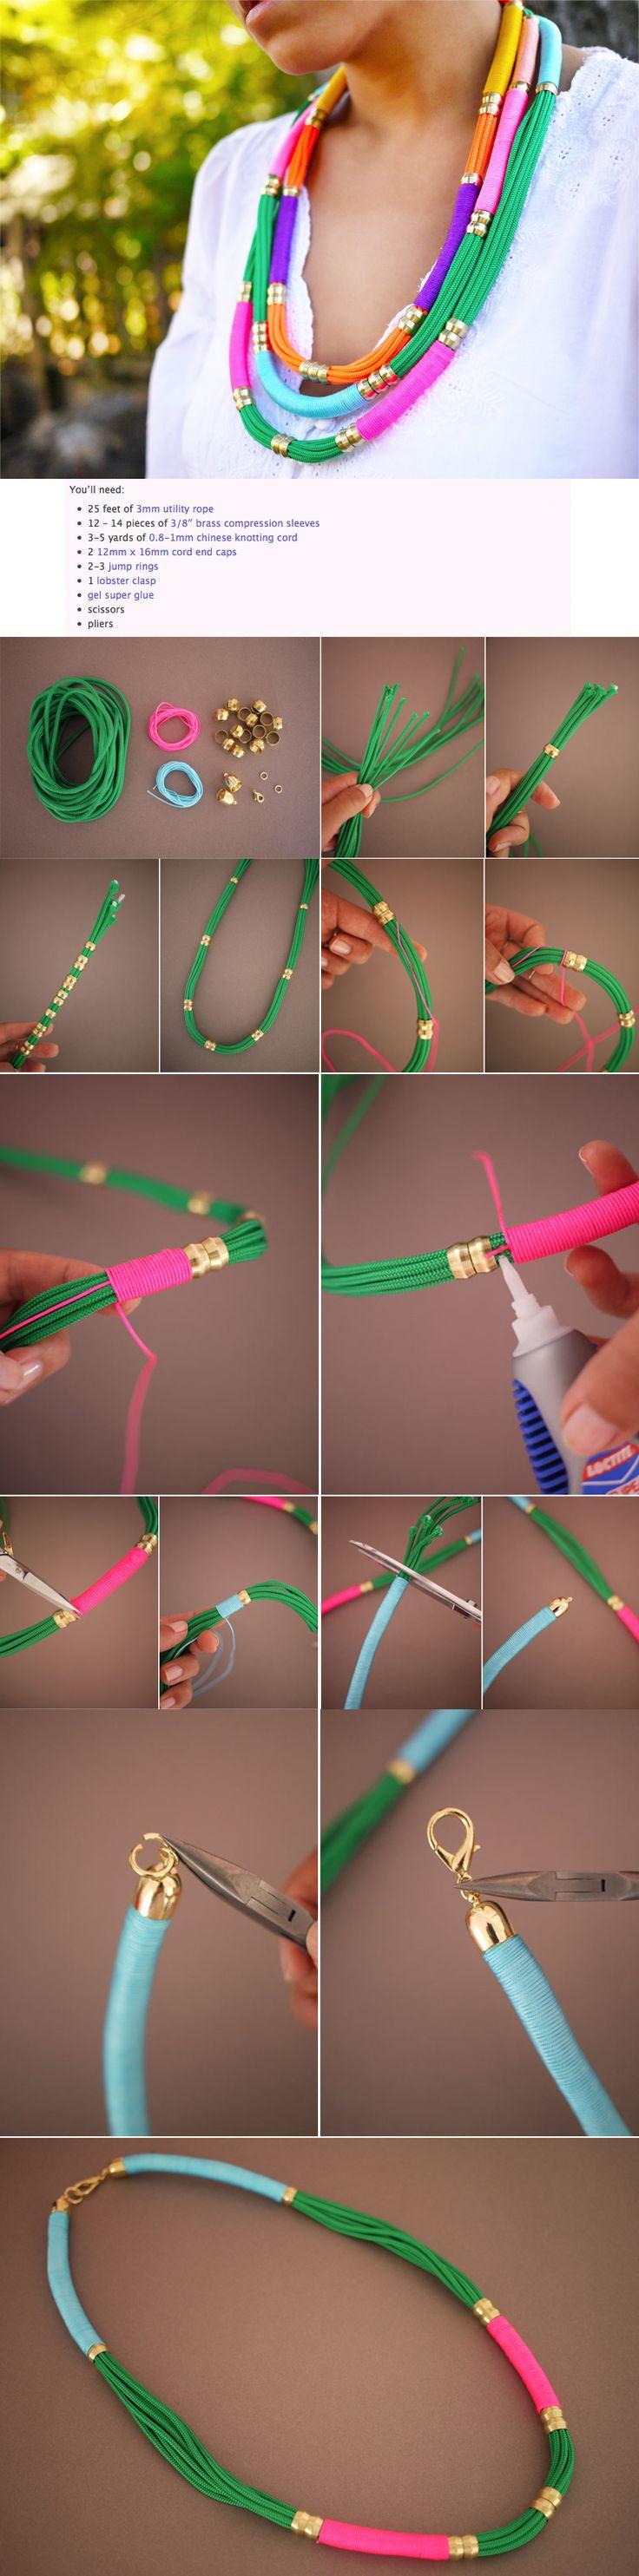 DIY statement necklaces. Except I would make bracelets.